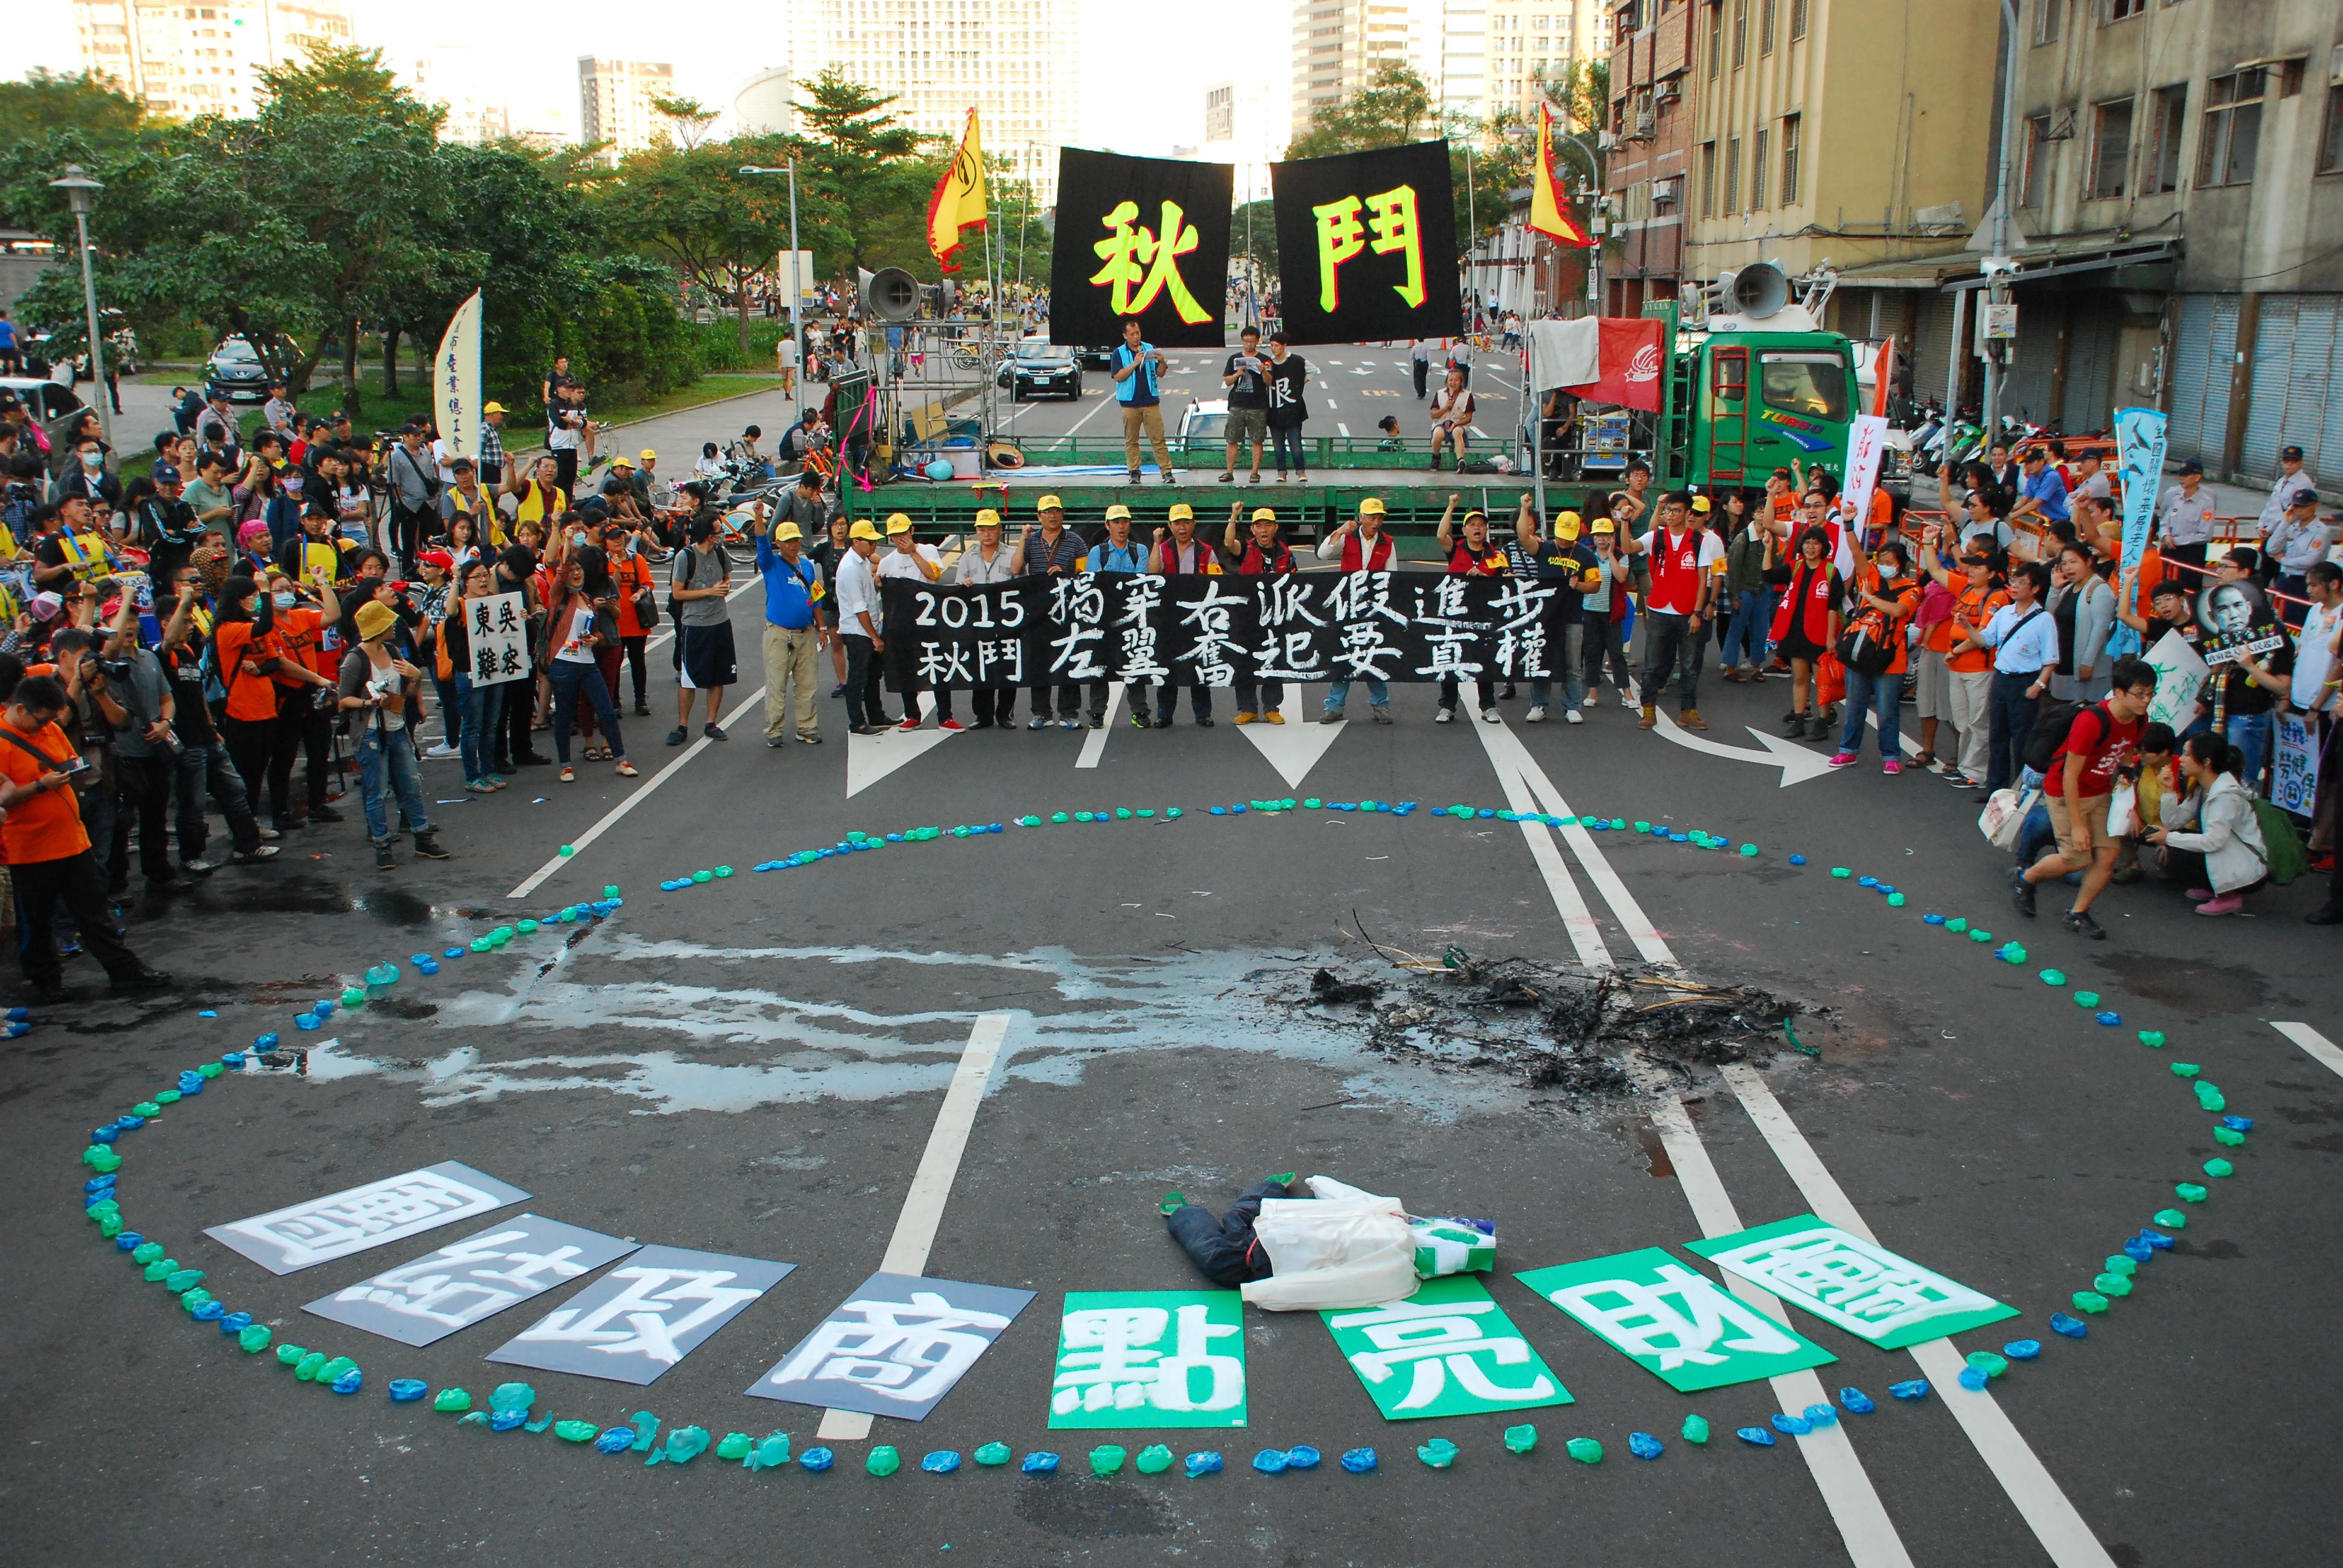 活動尾聲,群眾以踩扁的小豬圍成圓圈,諷刺藍綠兩黨總統候選人。 圖/鄭晏欣攝